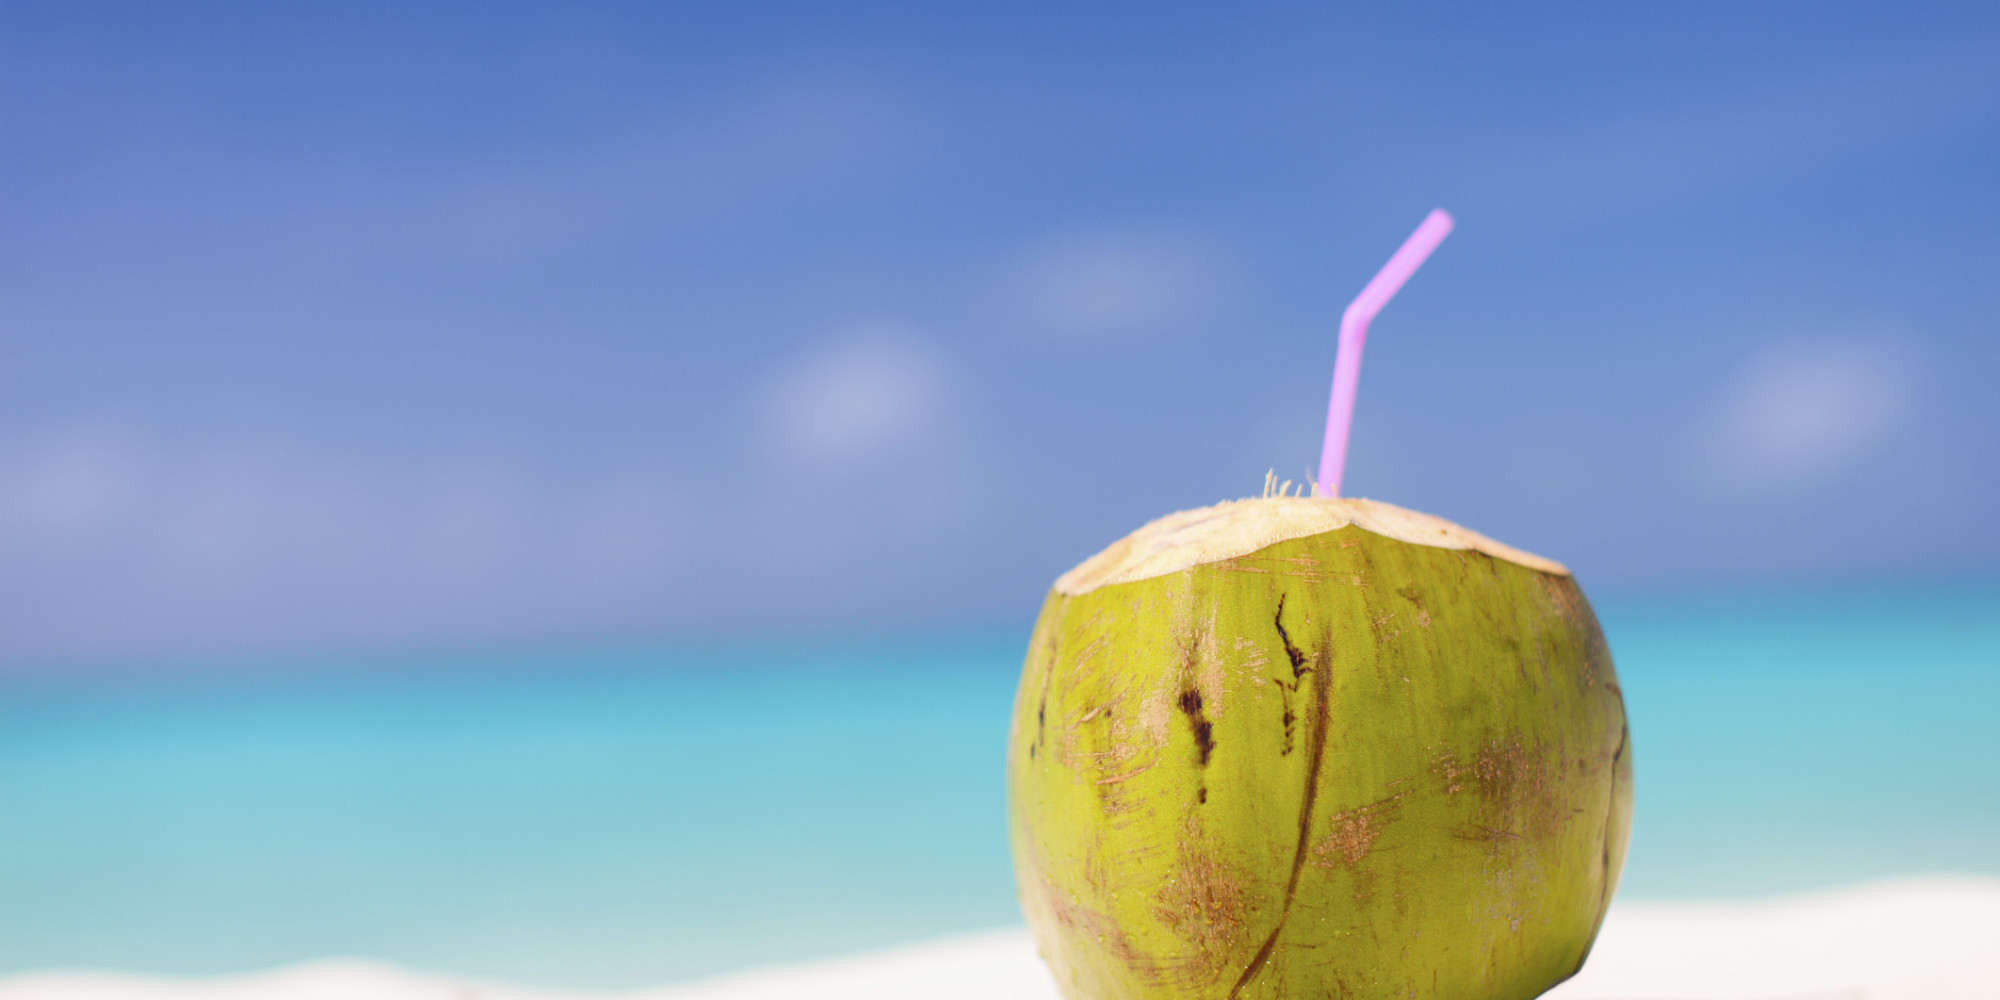 https: img.okezone.com content 2020 12 19 612 2330785 4-saat-terbaik-minum-air-kelapa-kamu-sudah-benar-belum-Ni5AQSVWn6.jpg